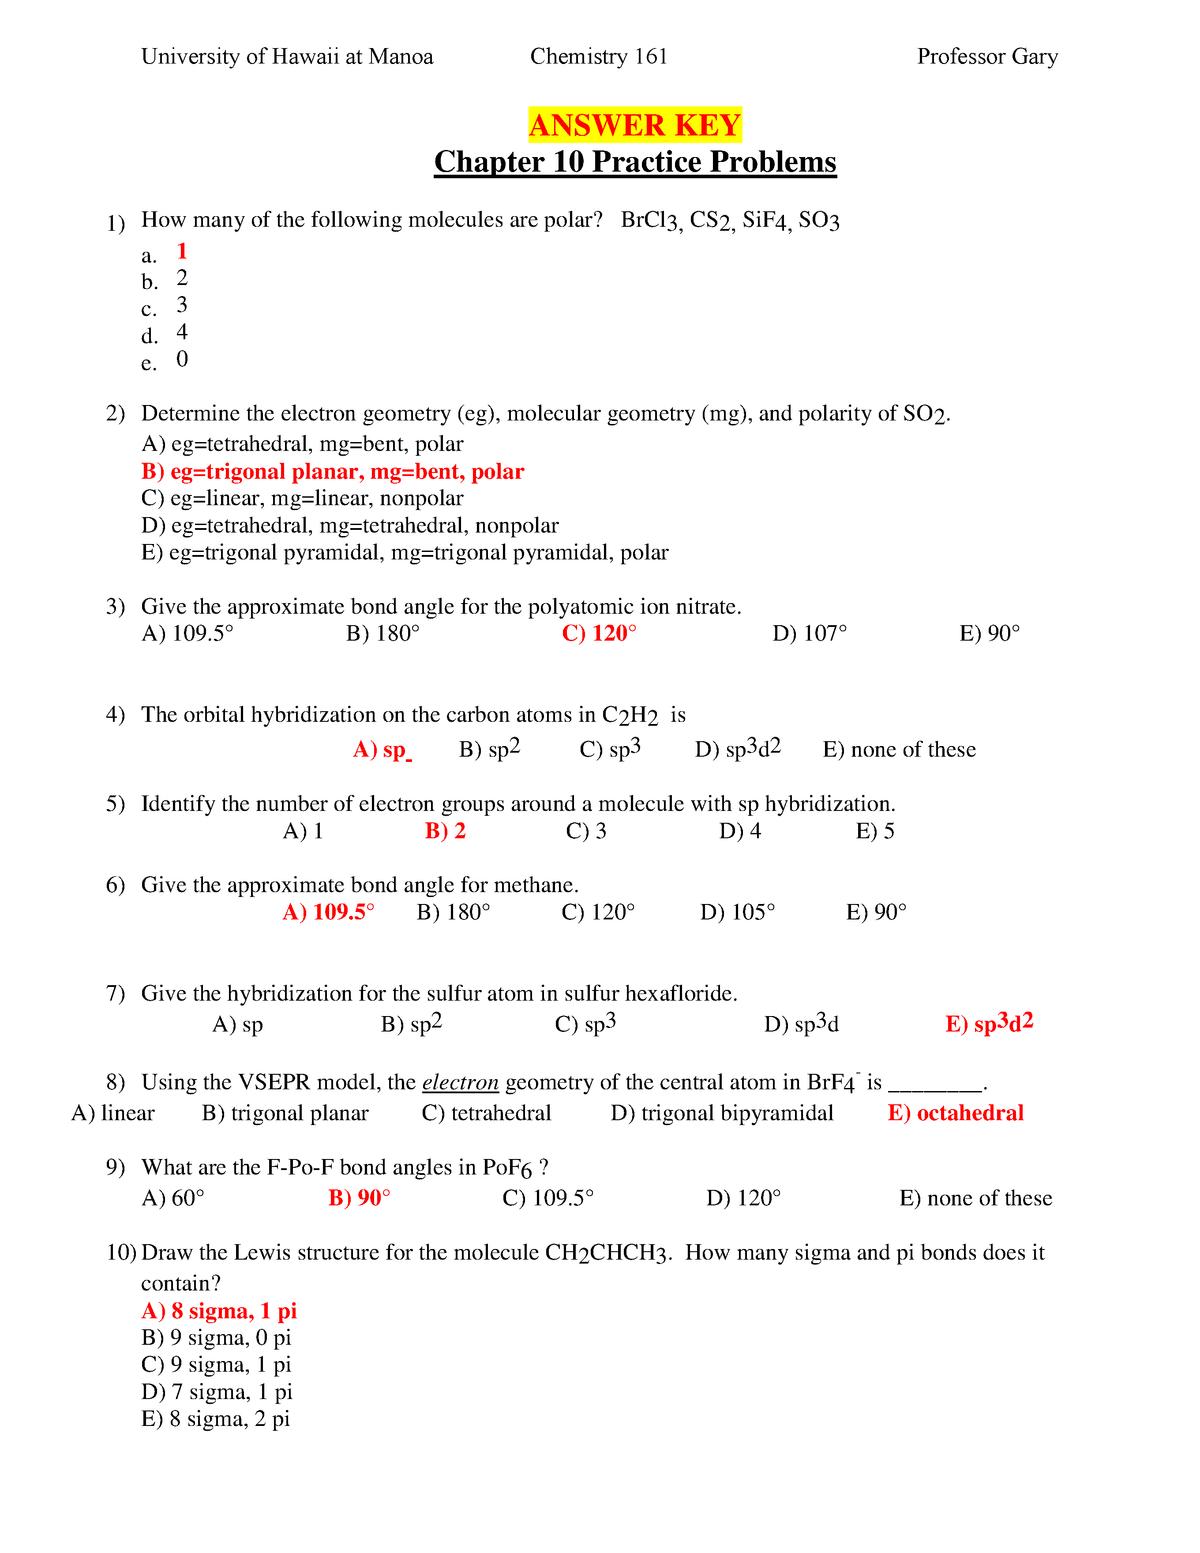 Exam 2018 - CHEM161: General Chemistry I - StuDocu